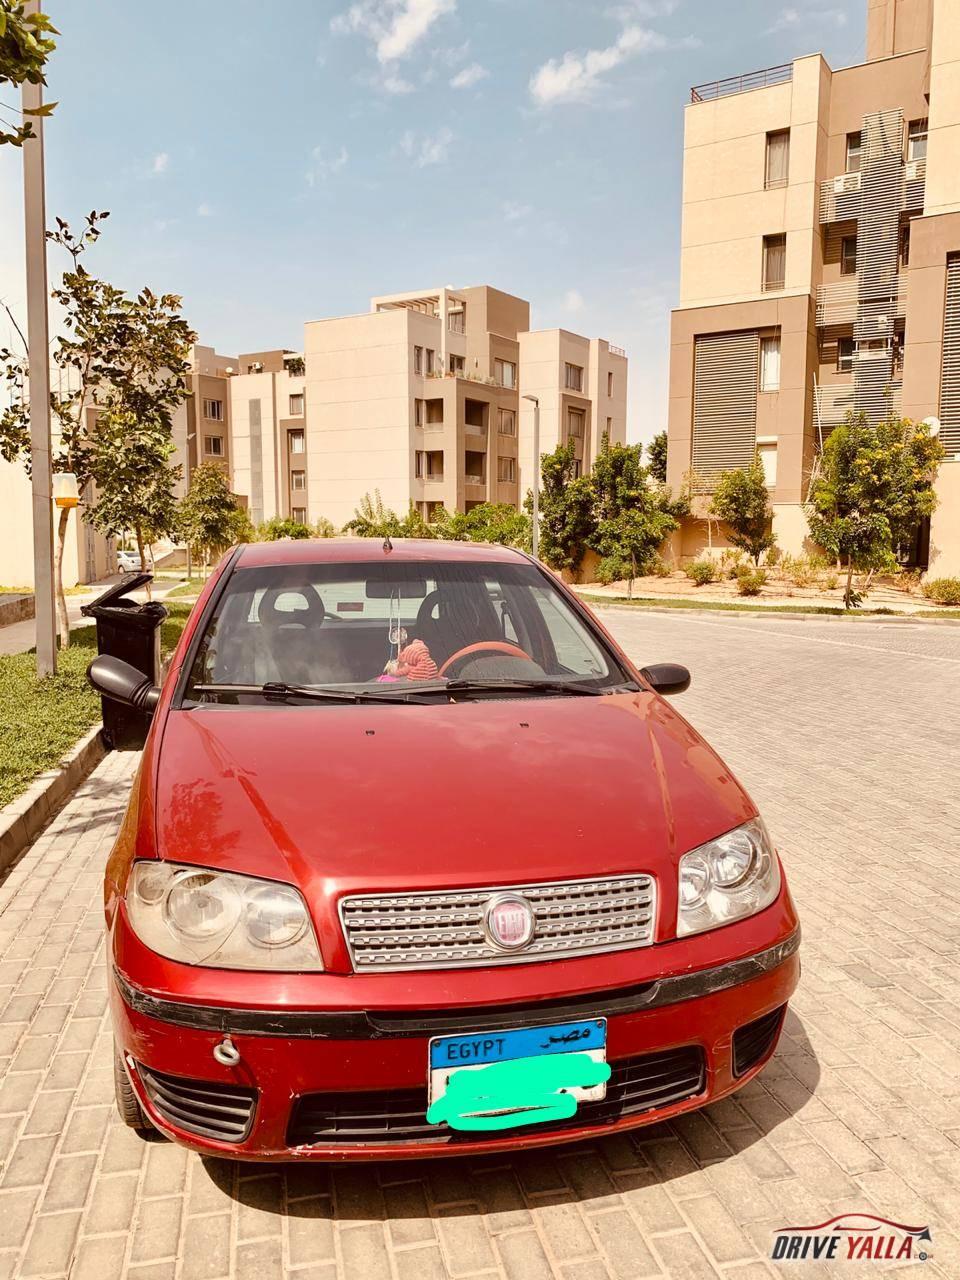 فيات بونتو مستعملة للبيع فى مصر بالتقسيط ٢٠١٢